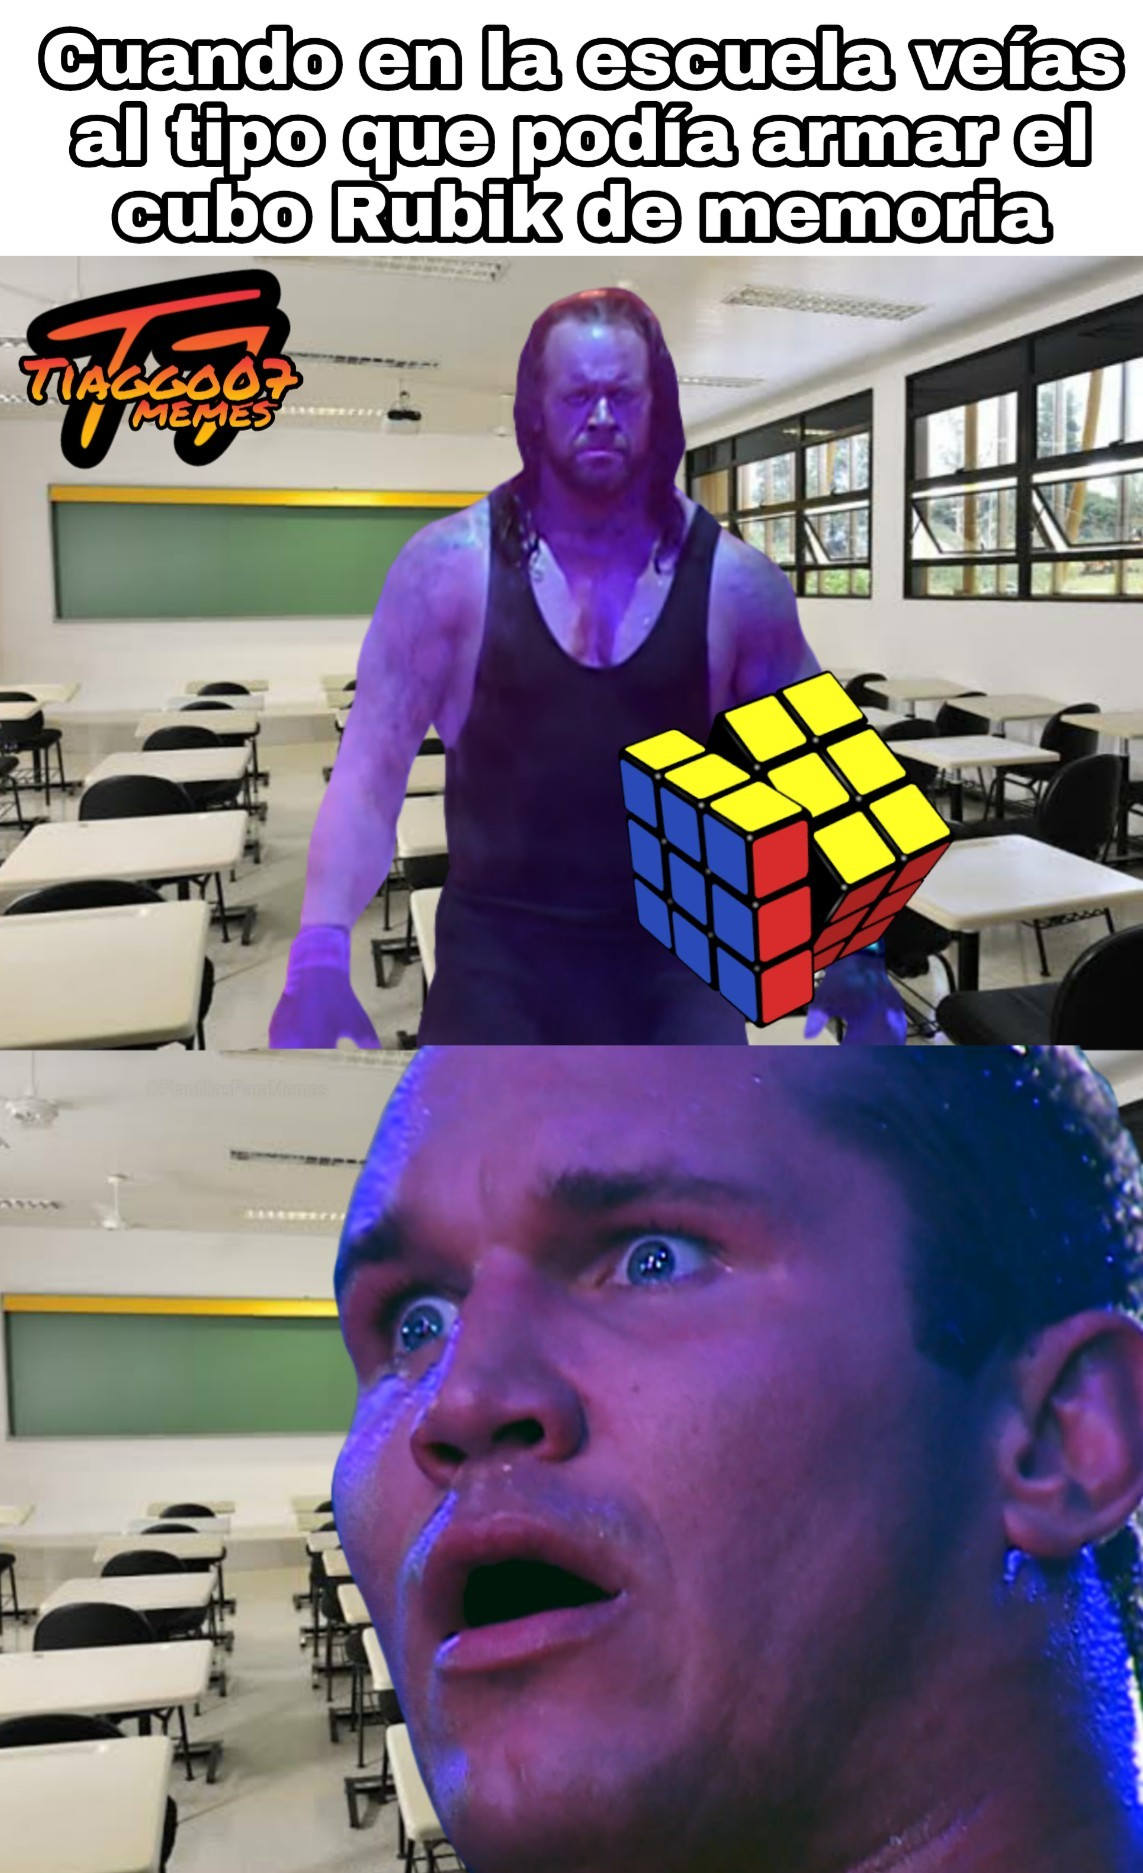 Soy malo haciendo memes 8(